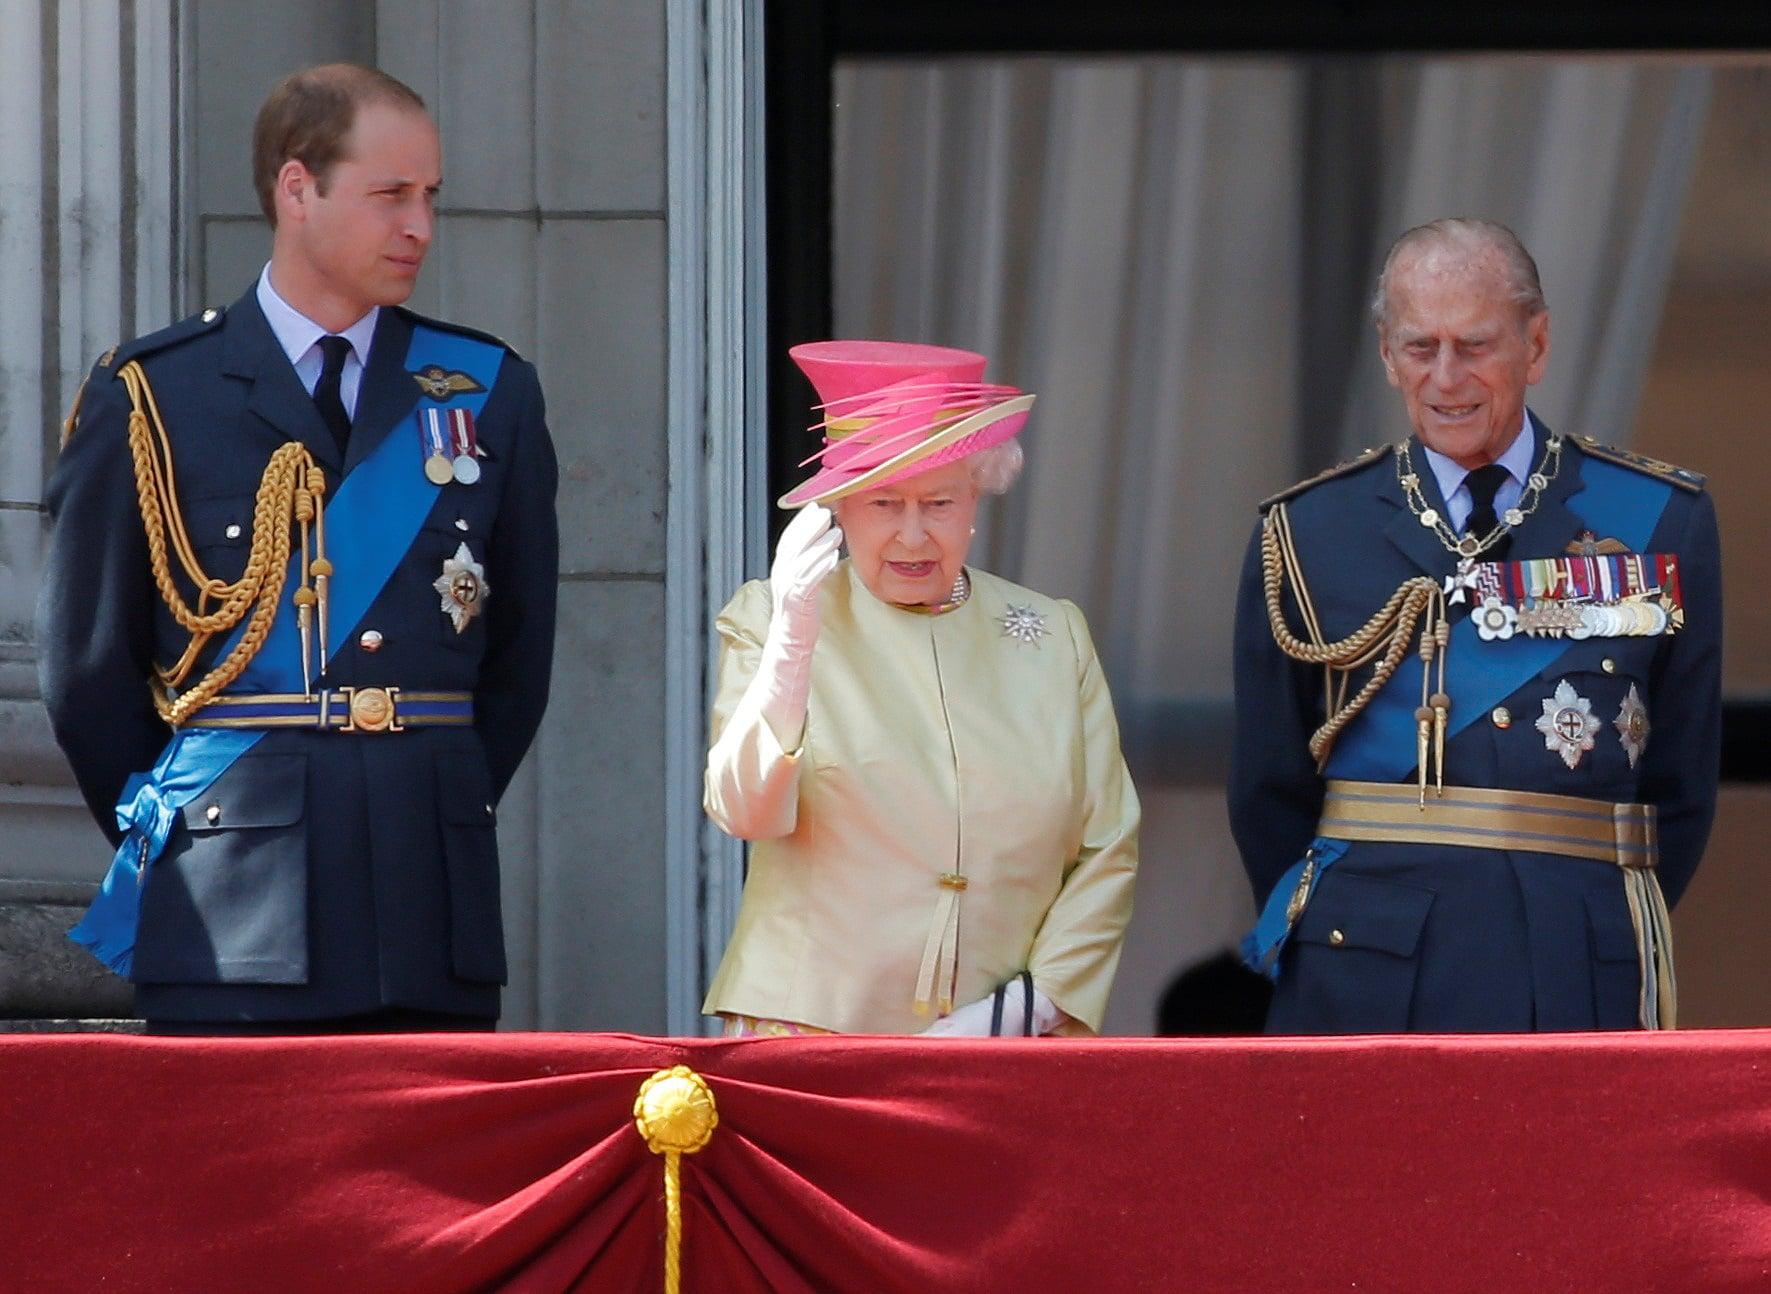 Královna Alžběta s princem Williamem a princem Philipem